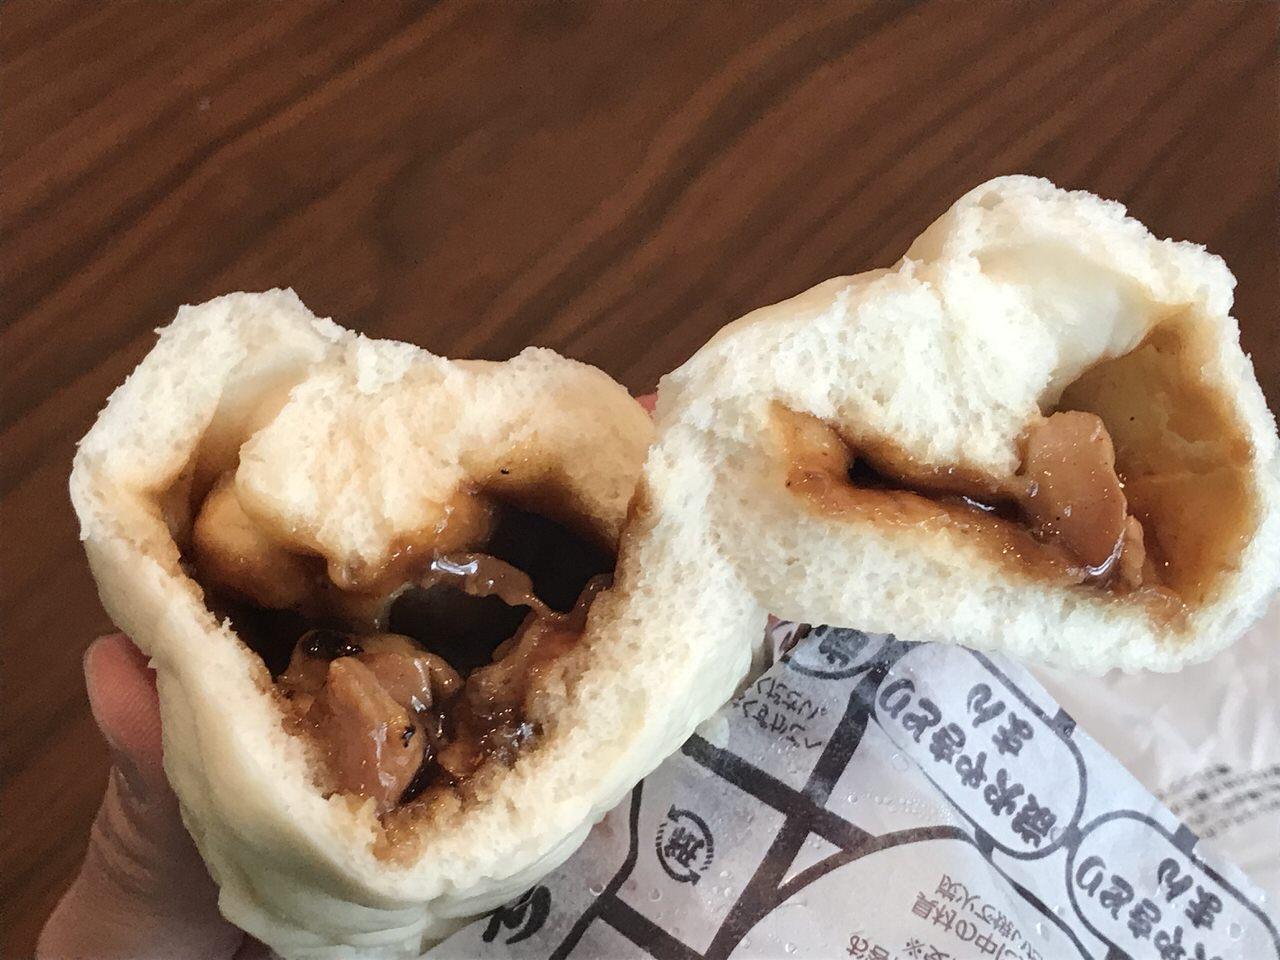 【ファミマ】たれ漬け二度焼きした焼鳥ゴロゴロ「炭火やきとりまん」食べてみた